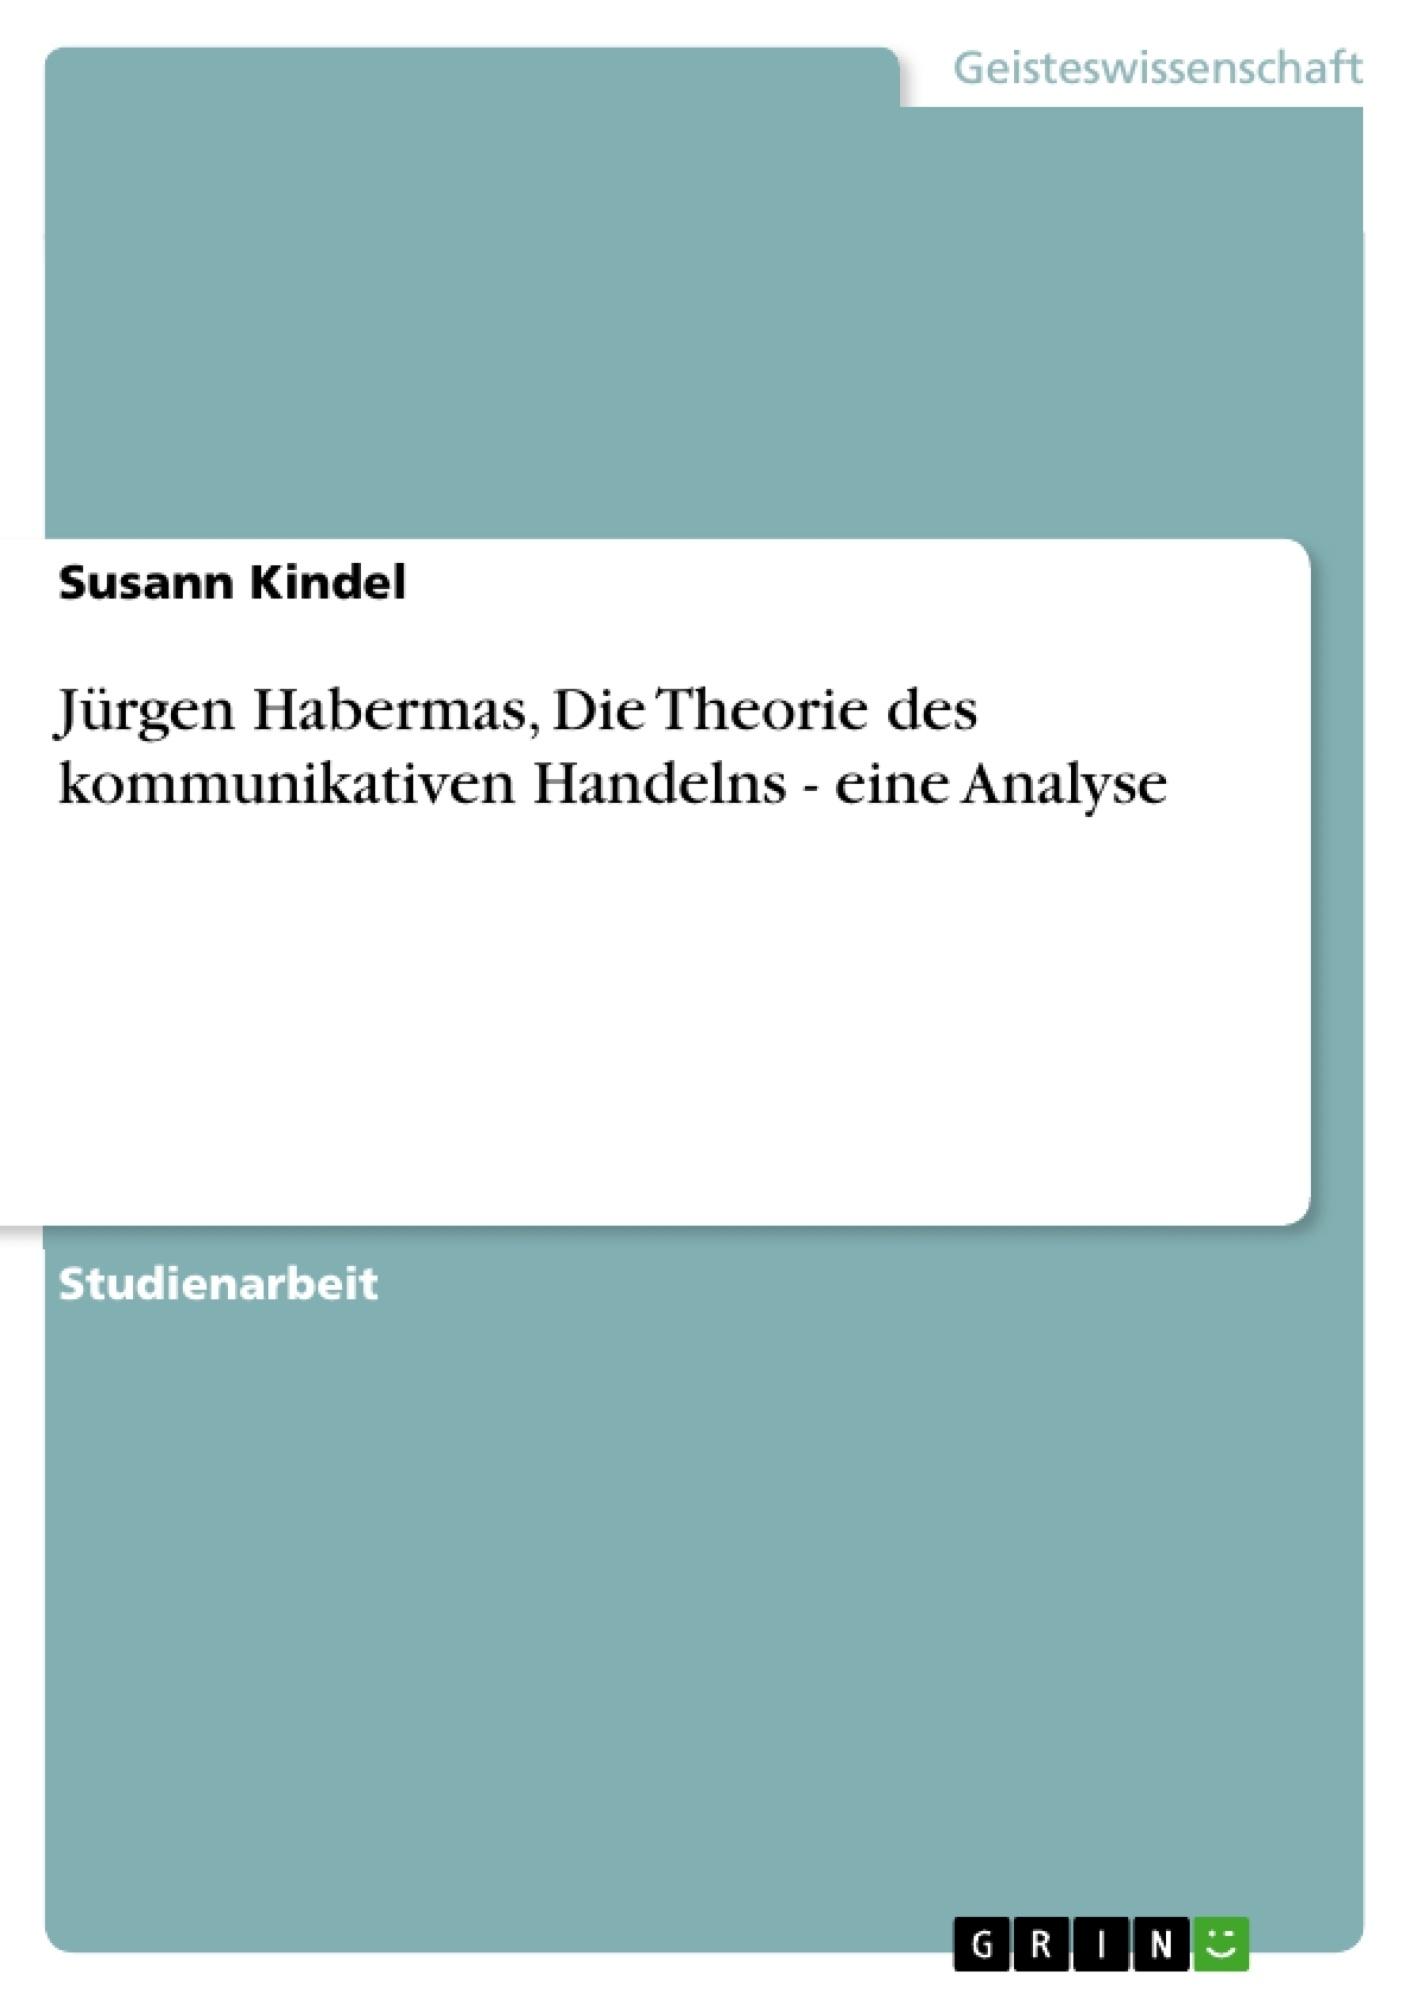 Titel: Jürgen Habermas, Die Theorie des kommunikativen Handelns - eine Analyse